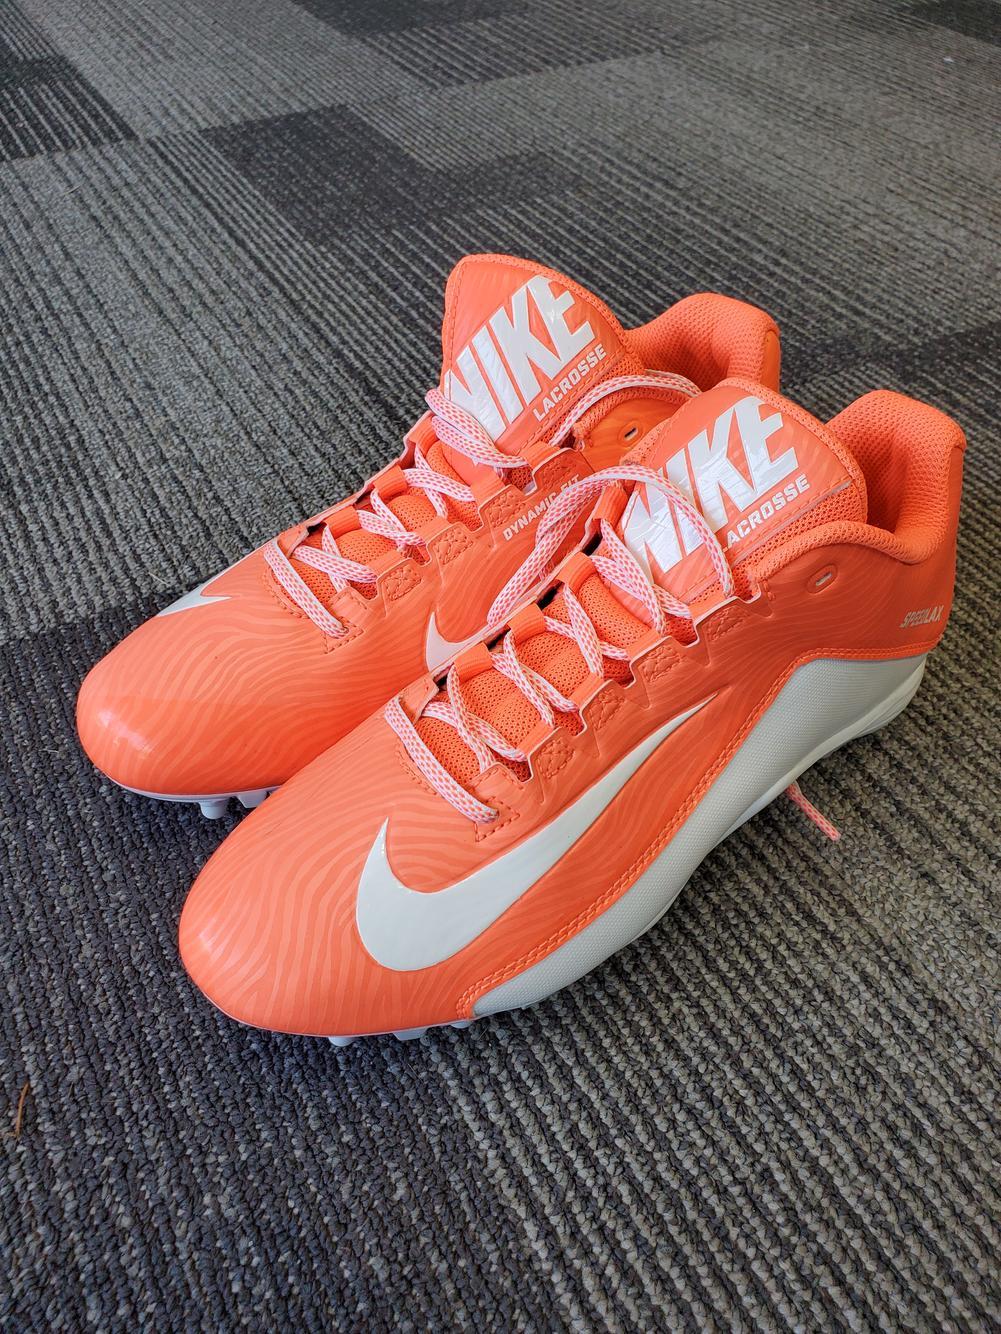 Nike New Women's Size 10.0 Speedlax 5